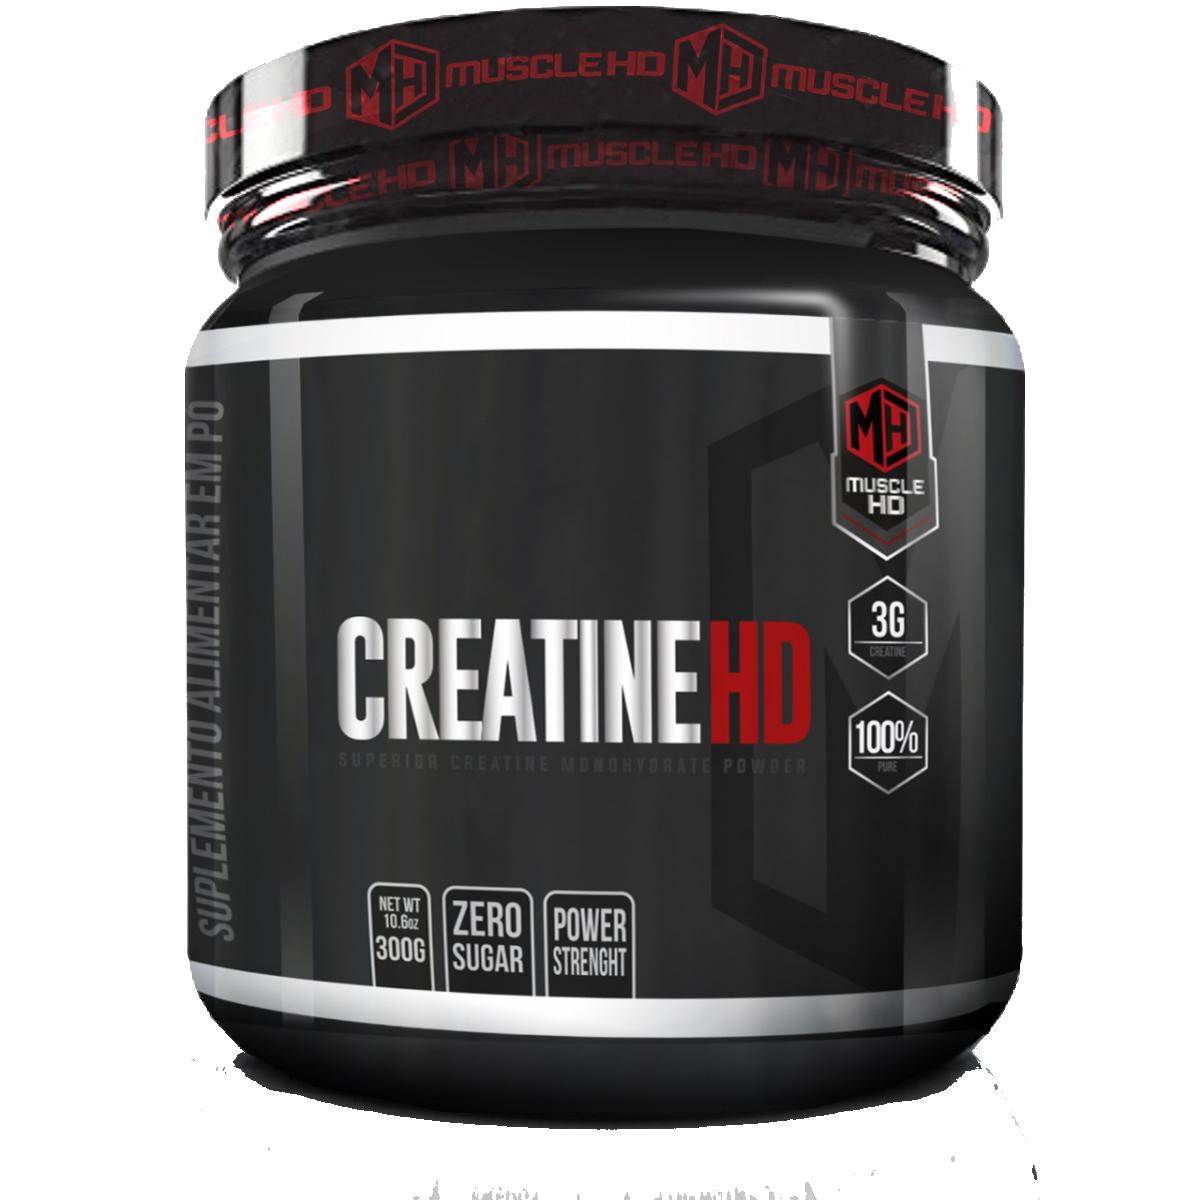 Imagem do produto CREATINE HD 100% PURE 300g